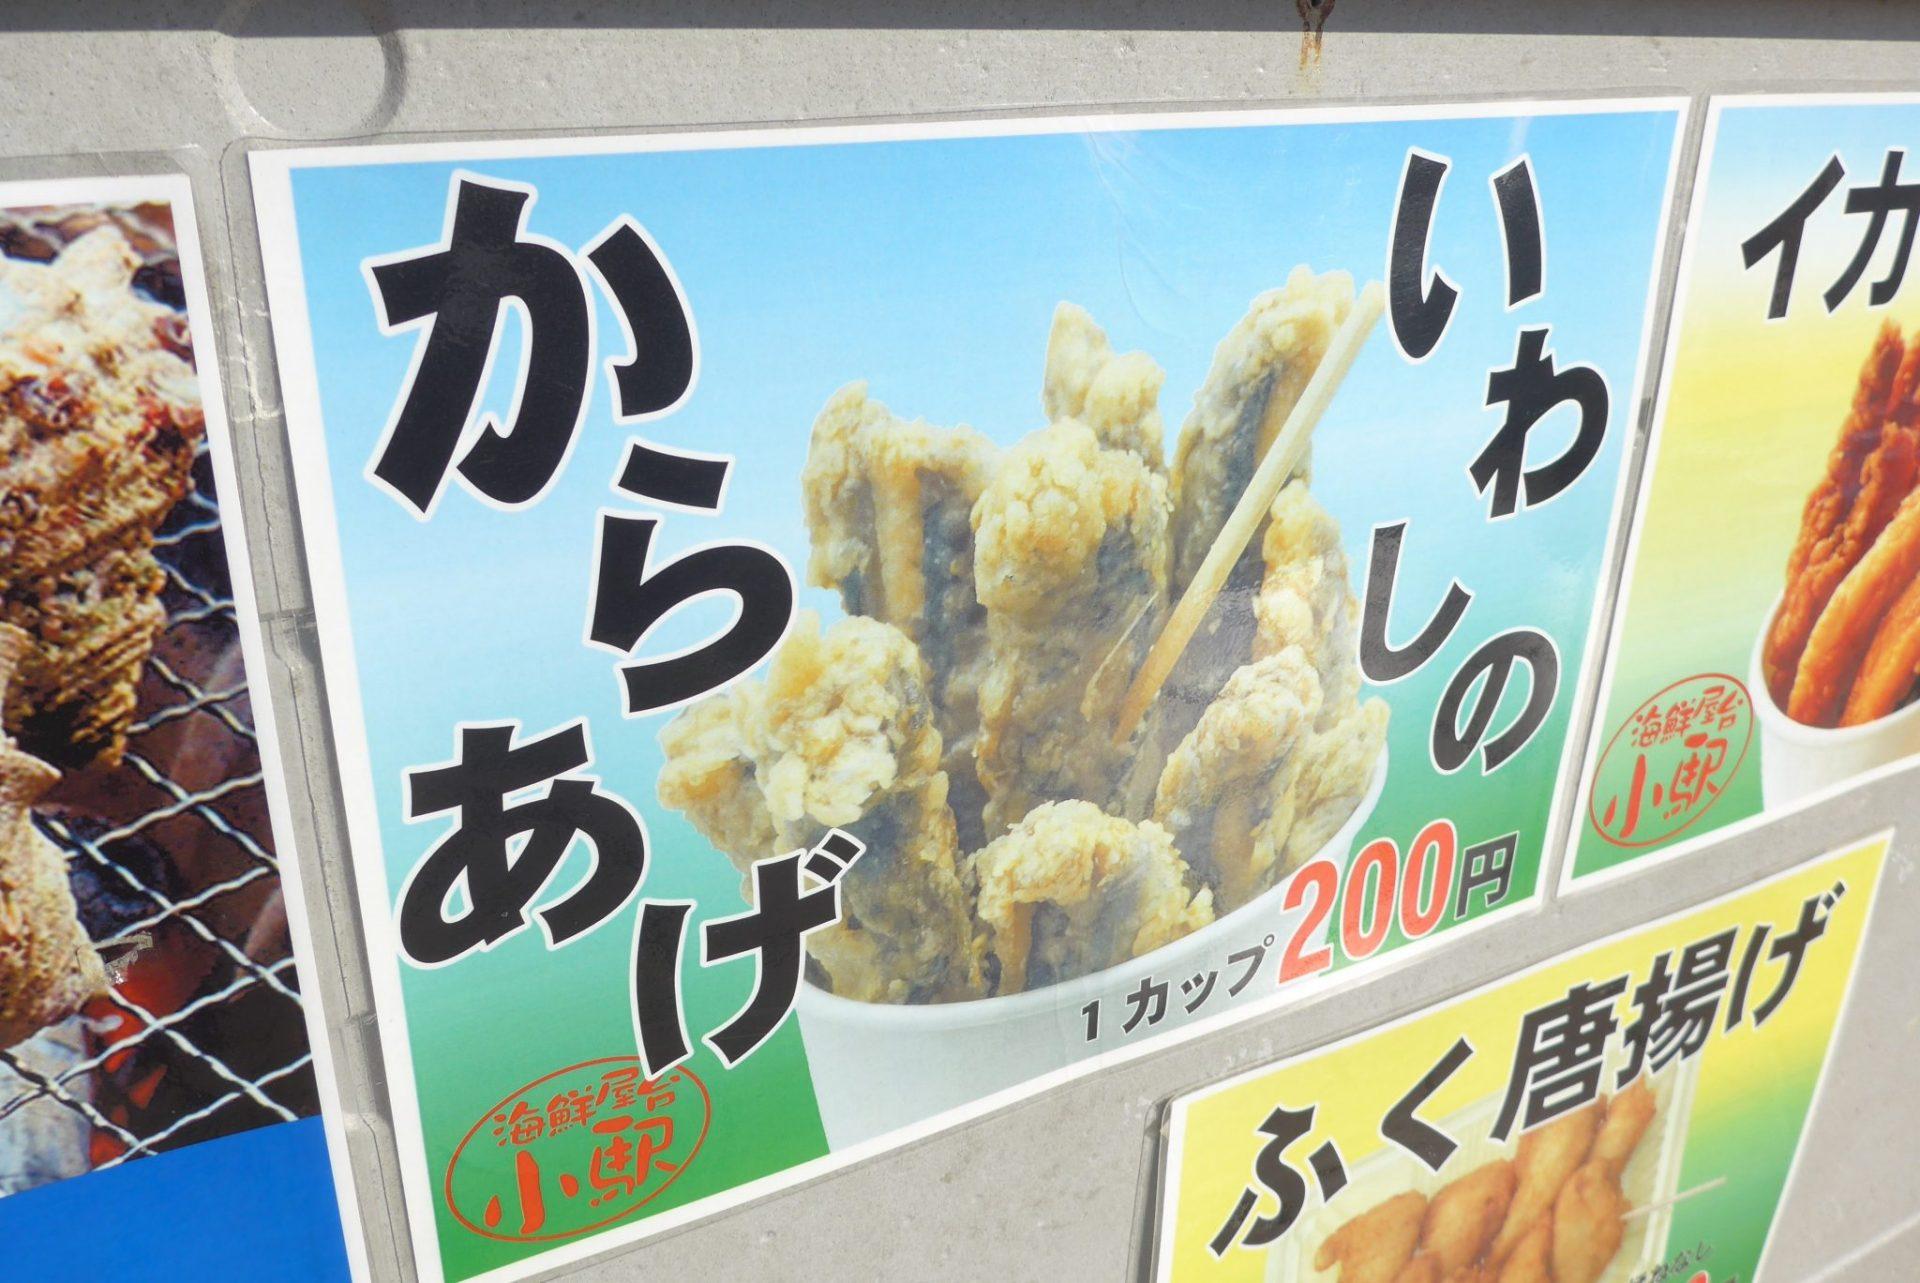 (K)道の駅北浦街道のテイクアウト!海鮮とパンが美味しくおすすめ